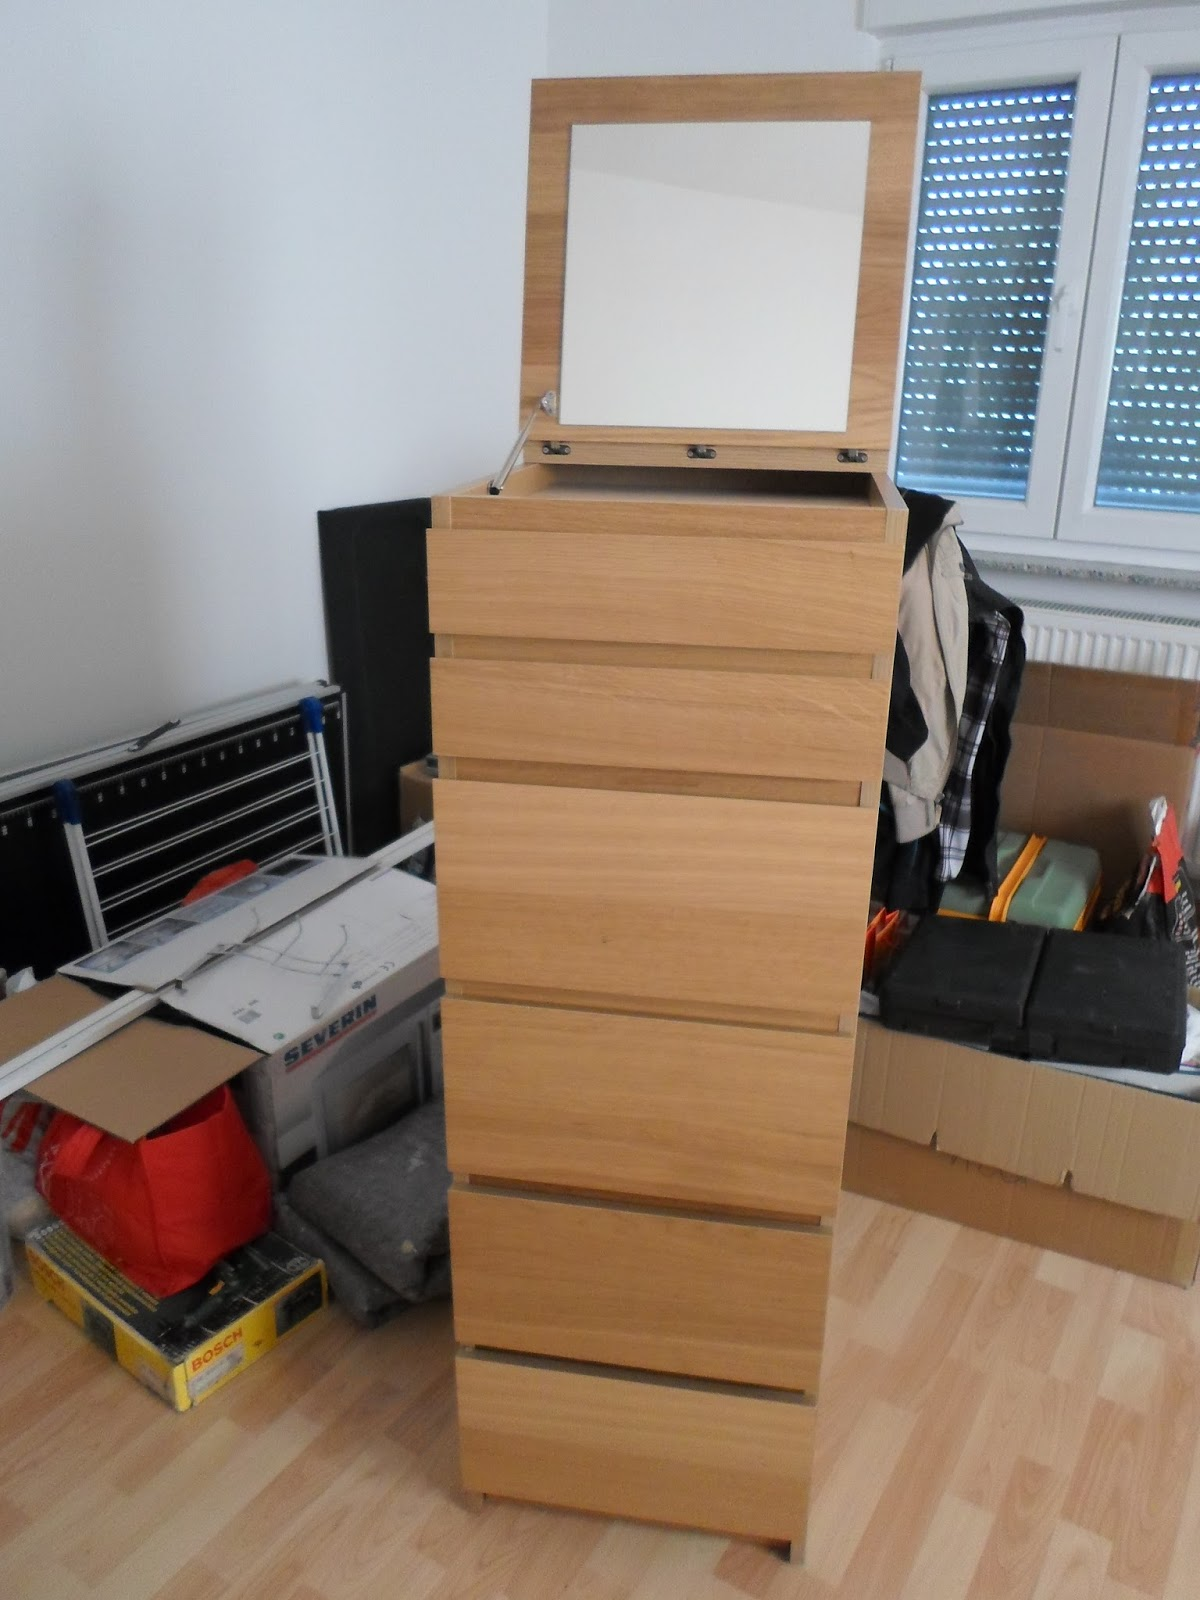 kommode aus spiegel gallery of kommode spiegel in berlin ebay with kommode aus spiegel best. Black Bedroom Furniture Sets. Home Design Ideas